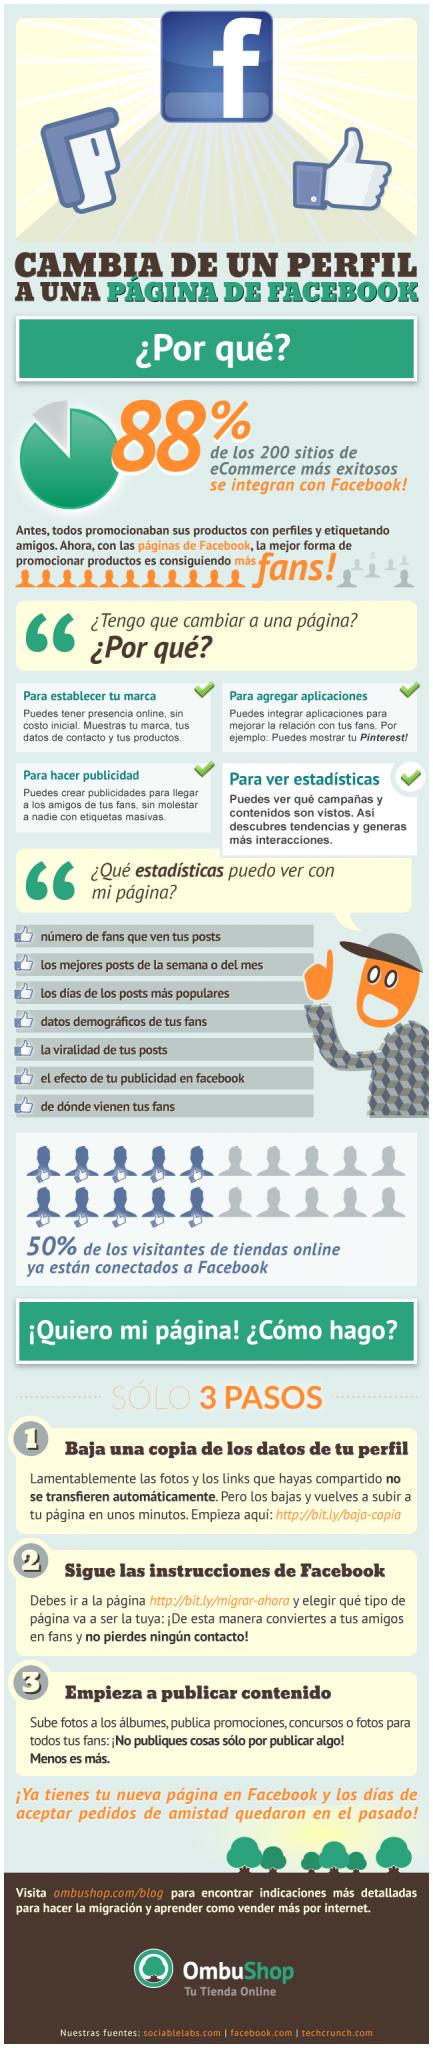 infografía-facebook-fan-page